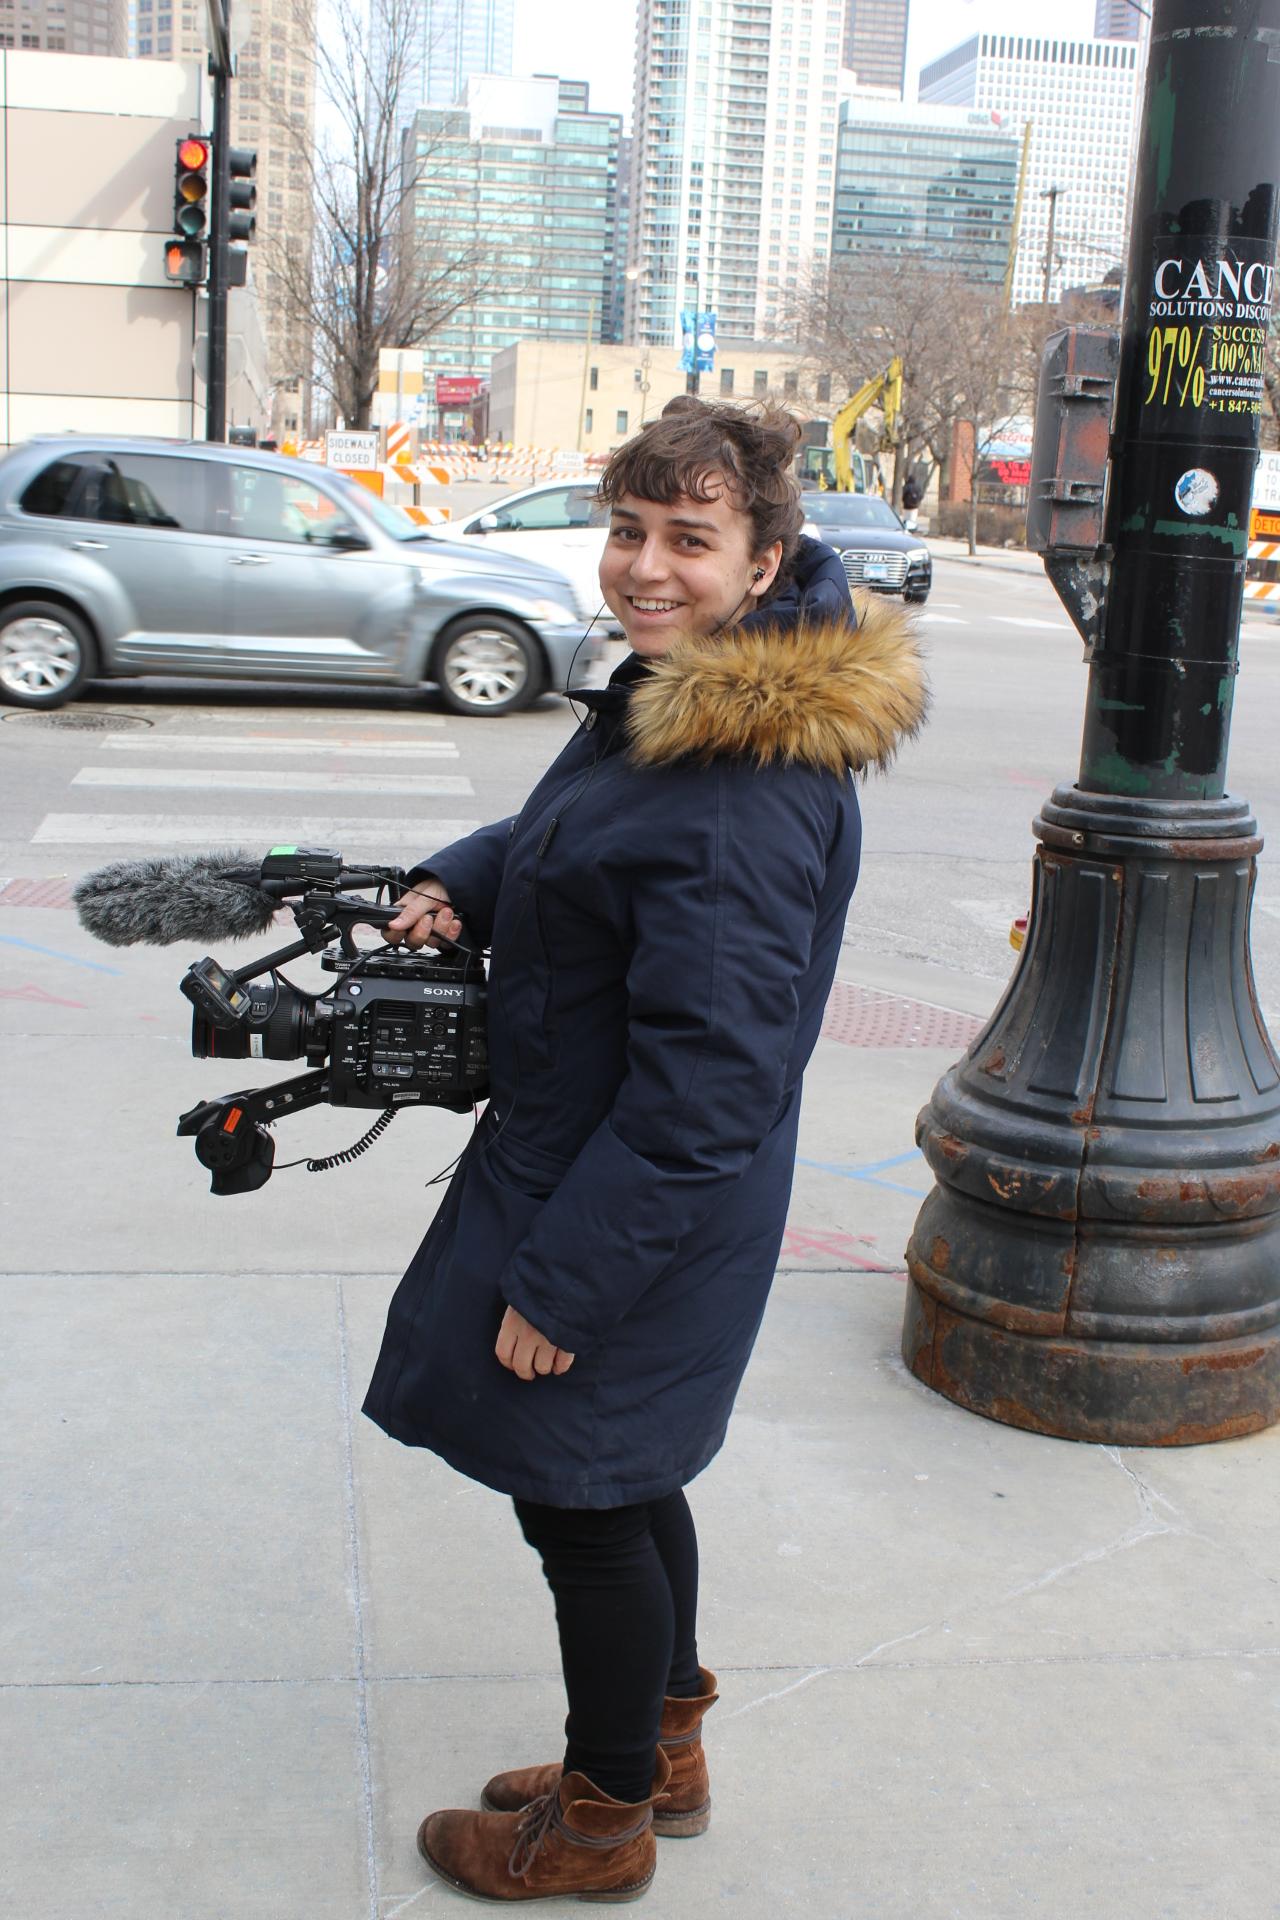 Filmtools Filmmaker Friday Featuring Filmmaker Rachel Knoll 5